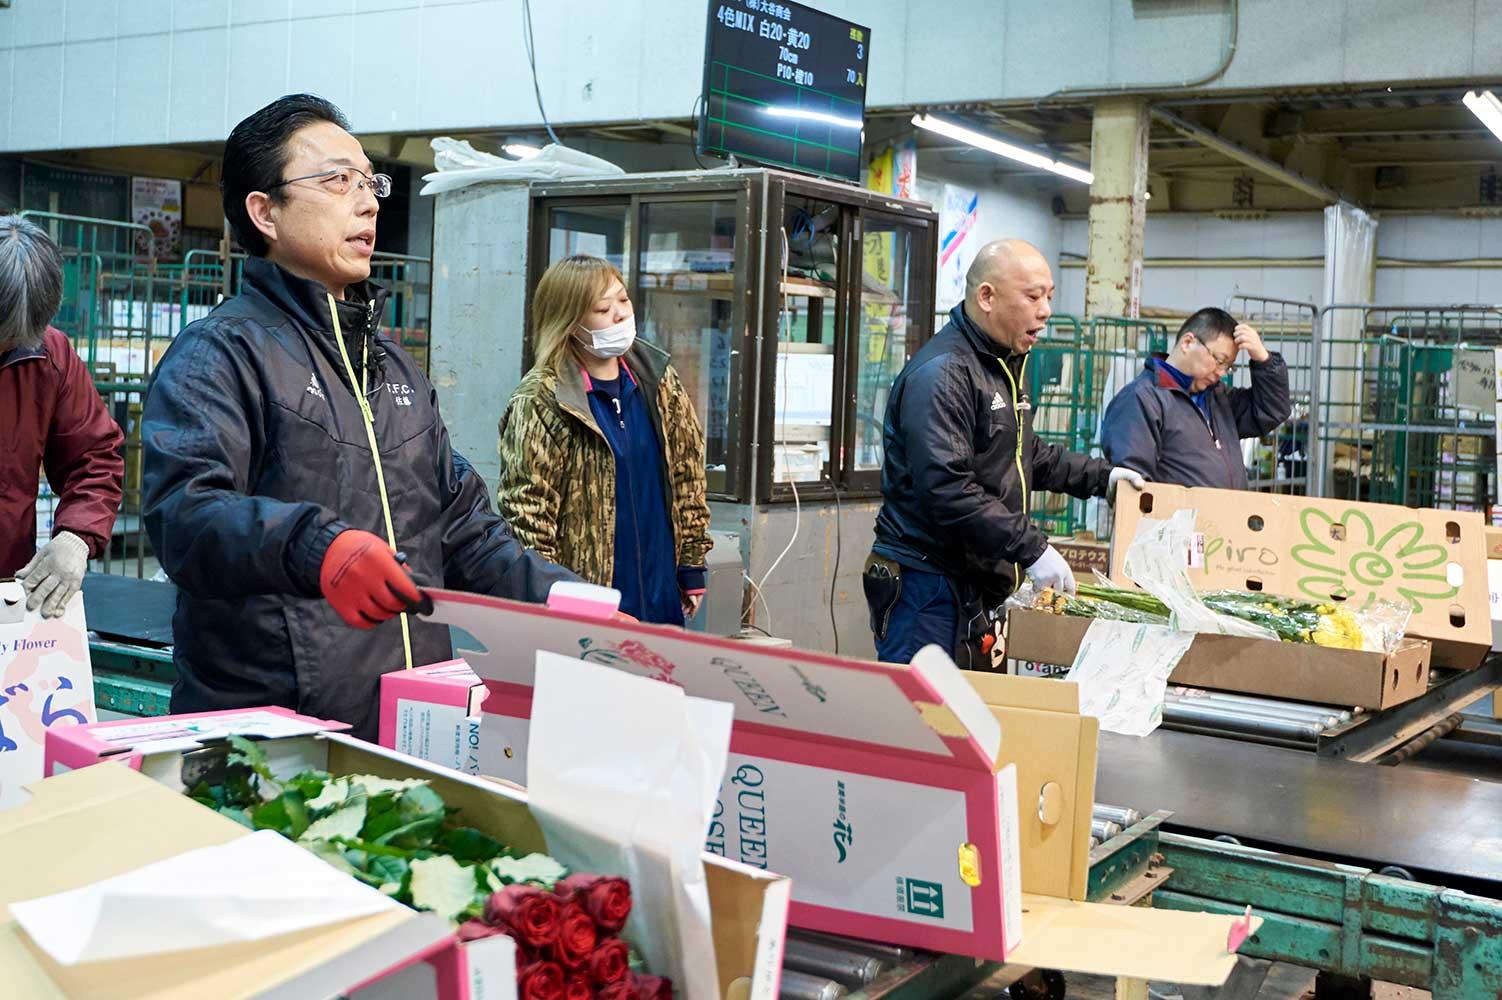 セリは同時に行われる。セリ人が花を手に取り声をあげると、買参人は目を光らせはじめる。